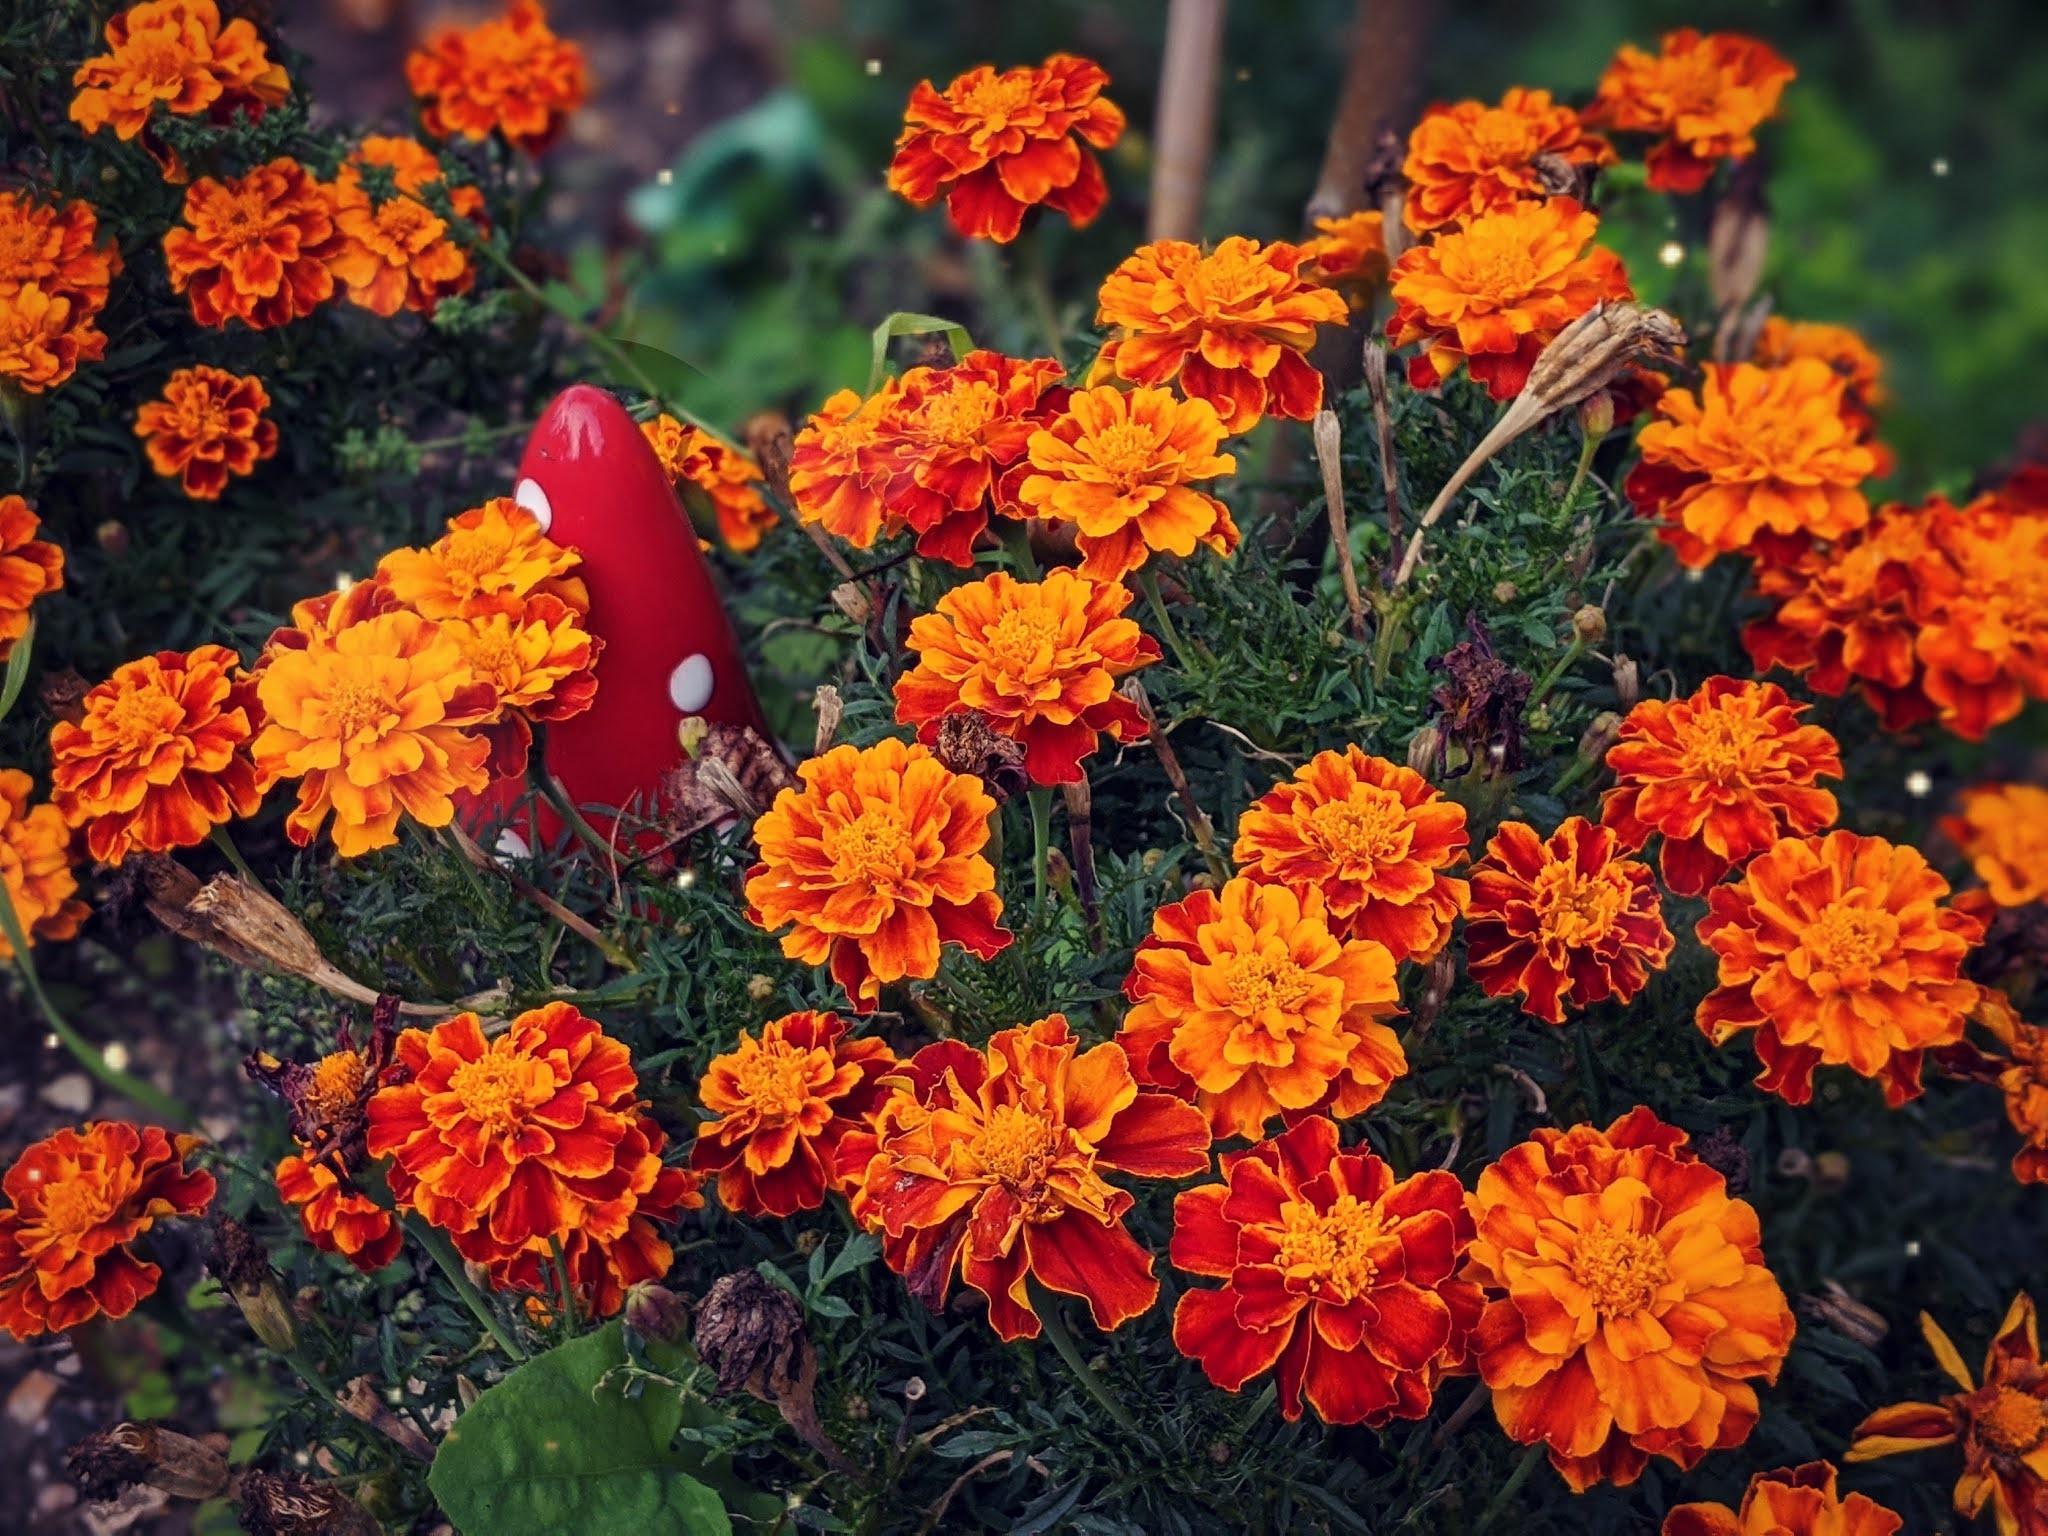 Marigolds garden littlepackofvegans